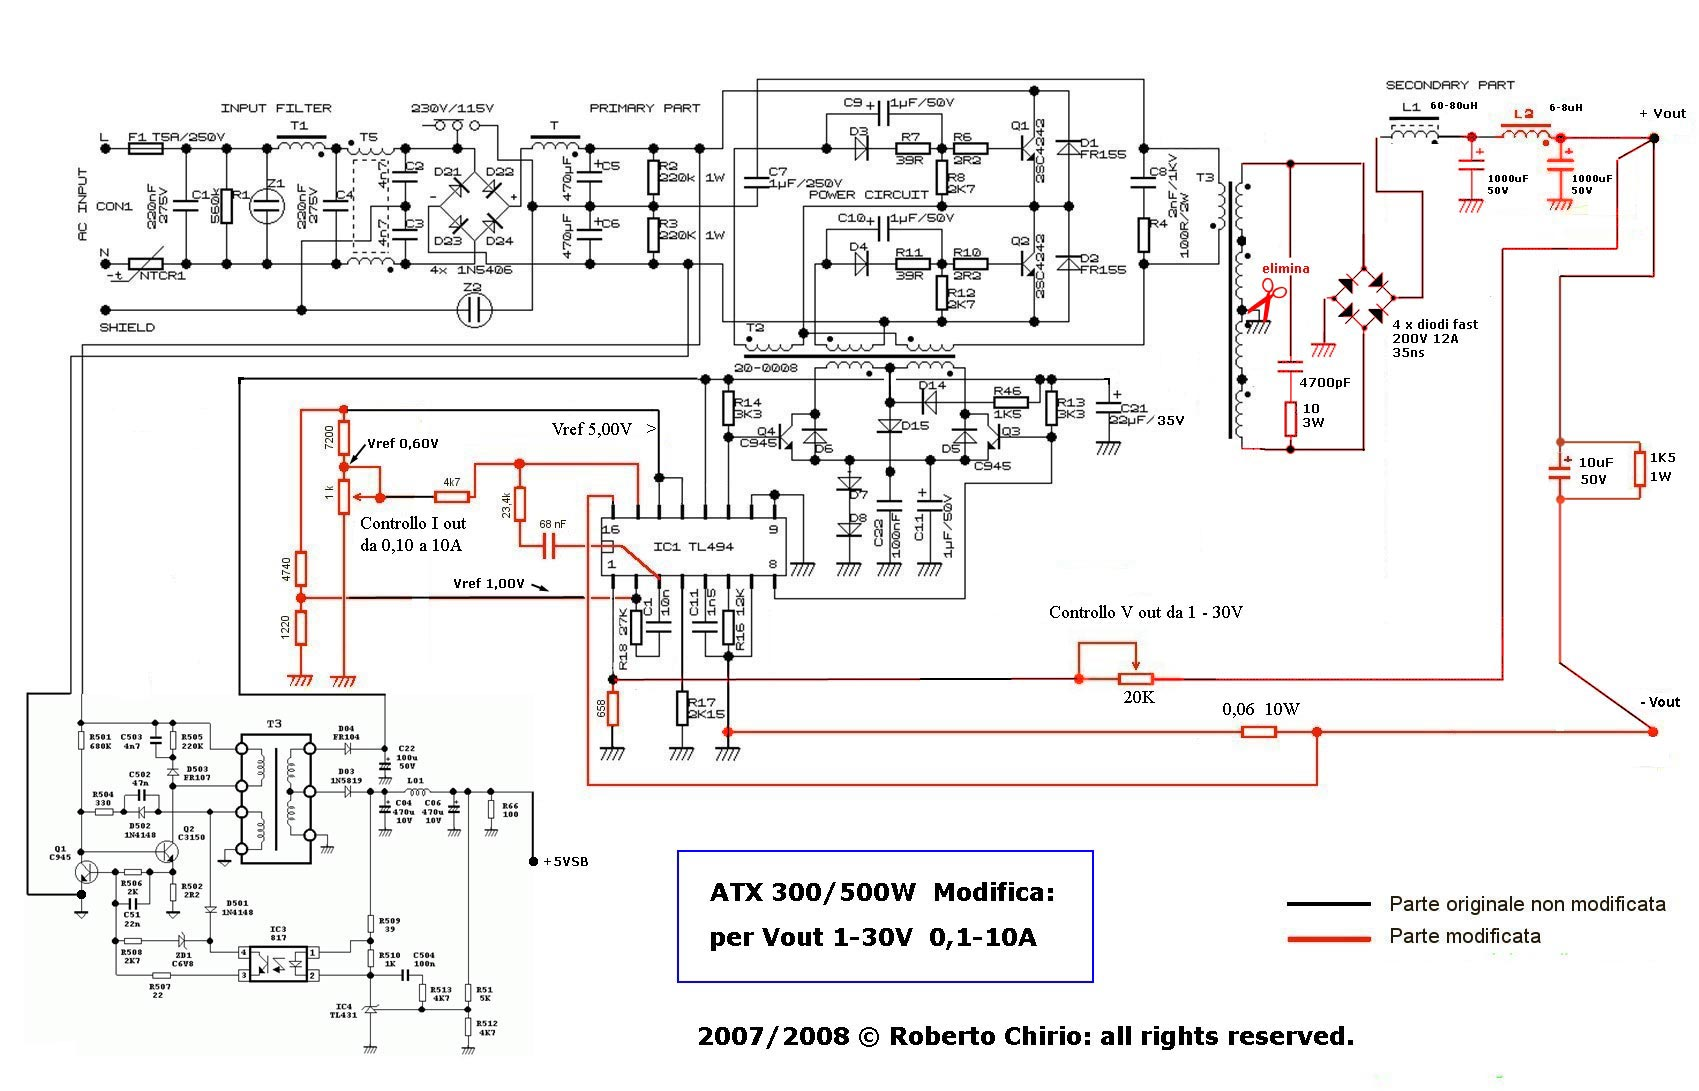 Вариант схемы по переделке компьютерного блока питания под радиолюбительские цели.